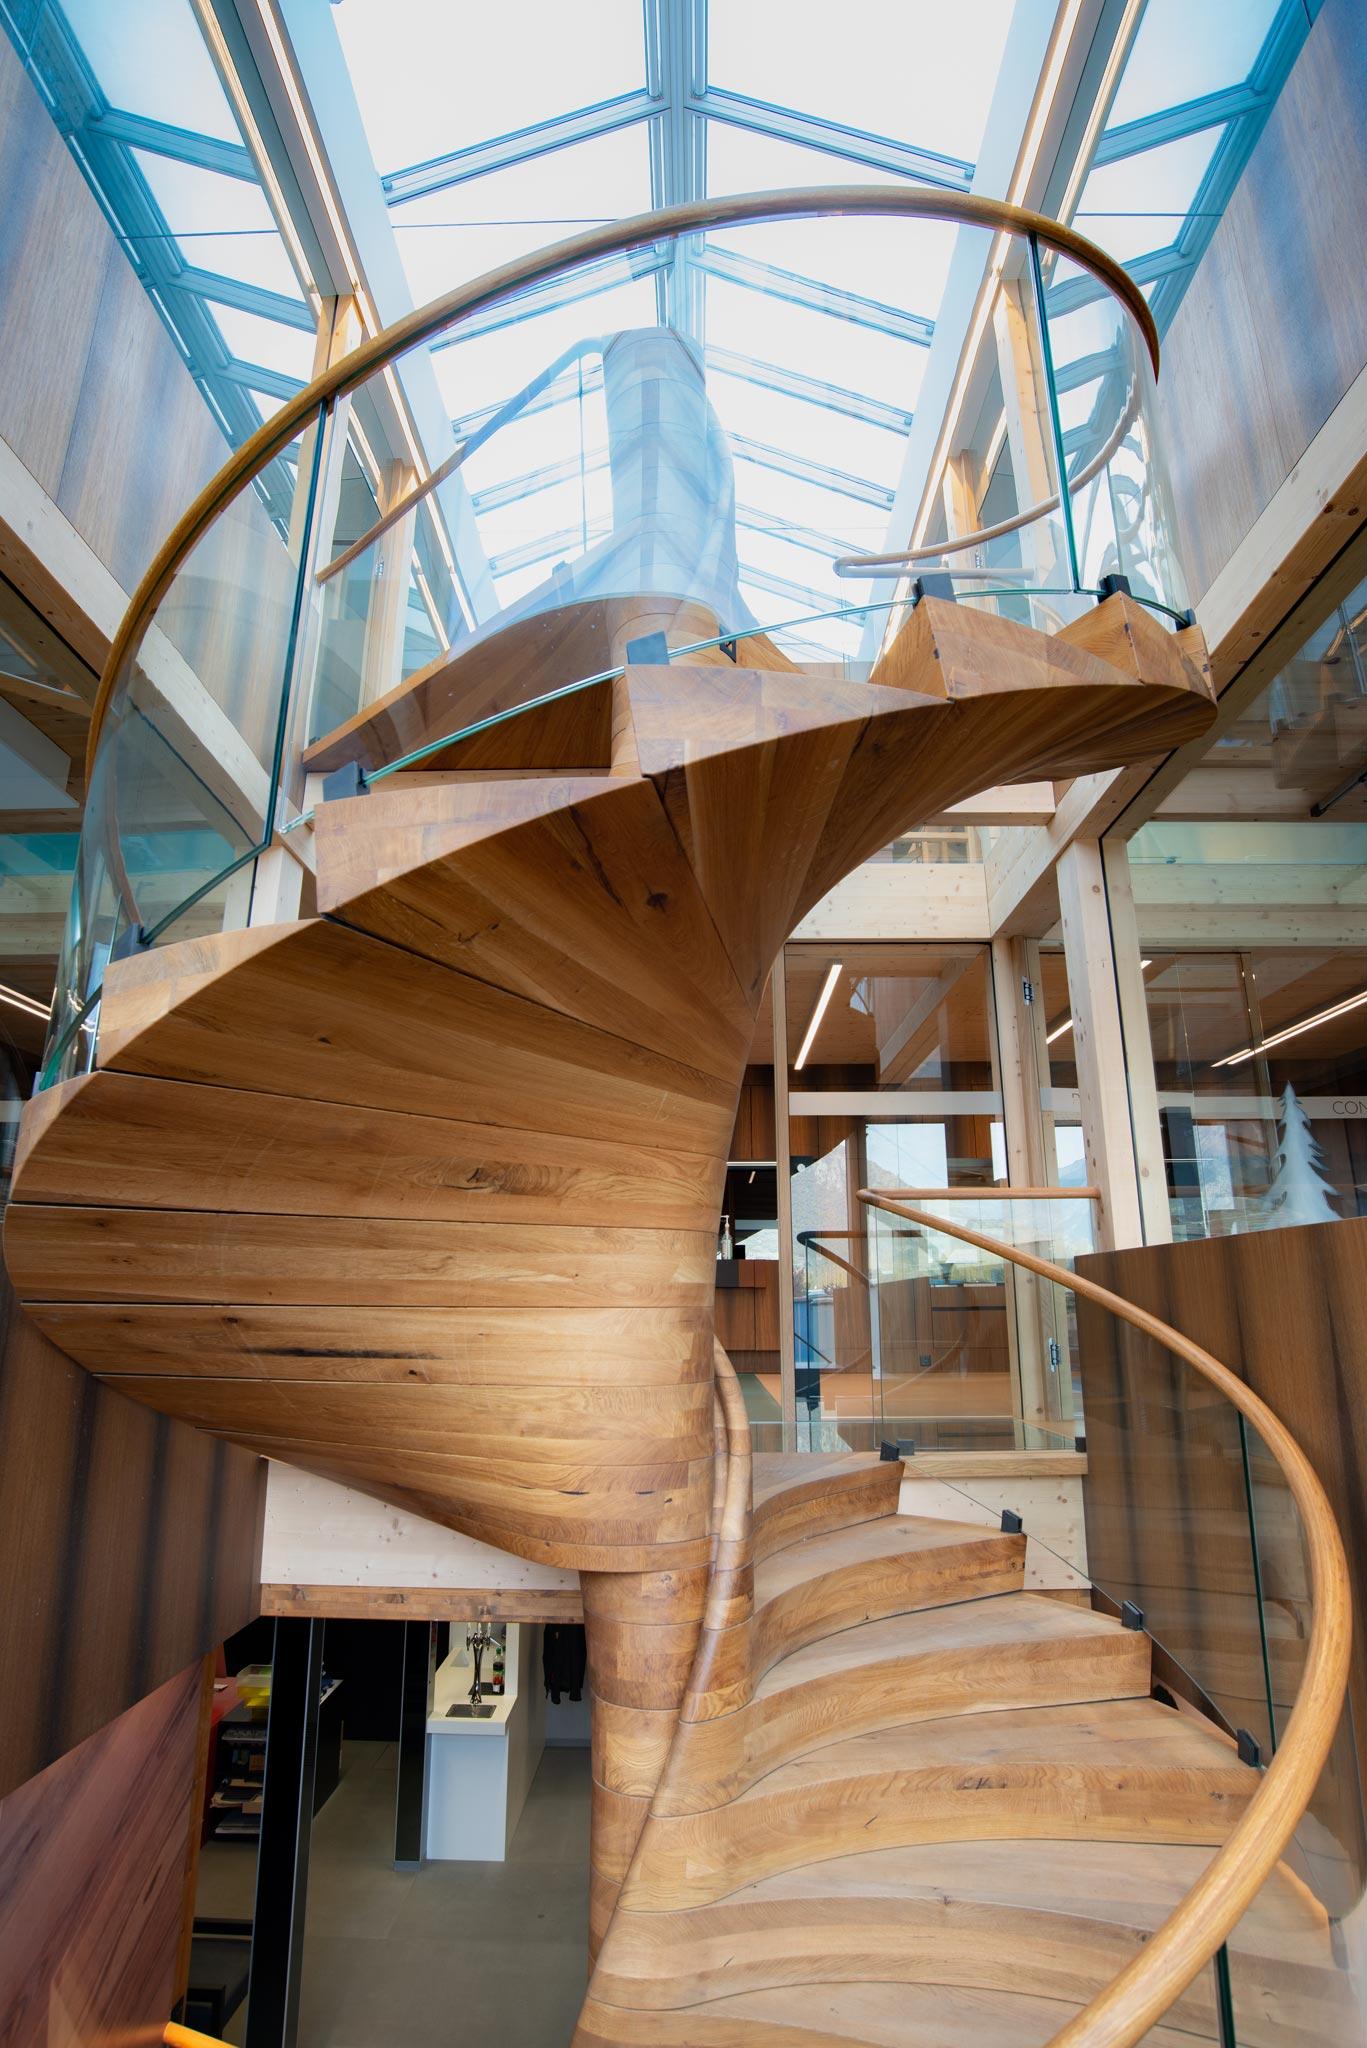 ES ShowR escalier vtc 20 11 0090 - Escalier Showroom ESKISS